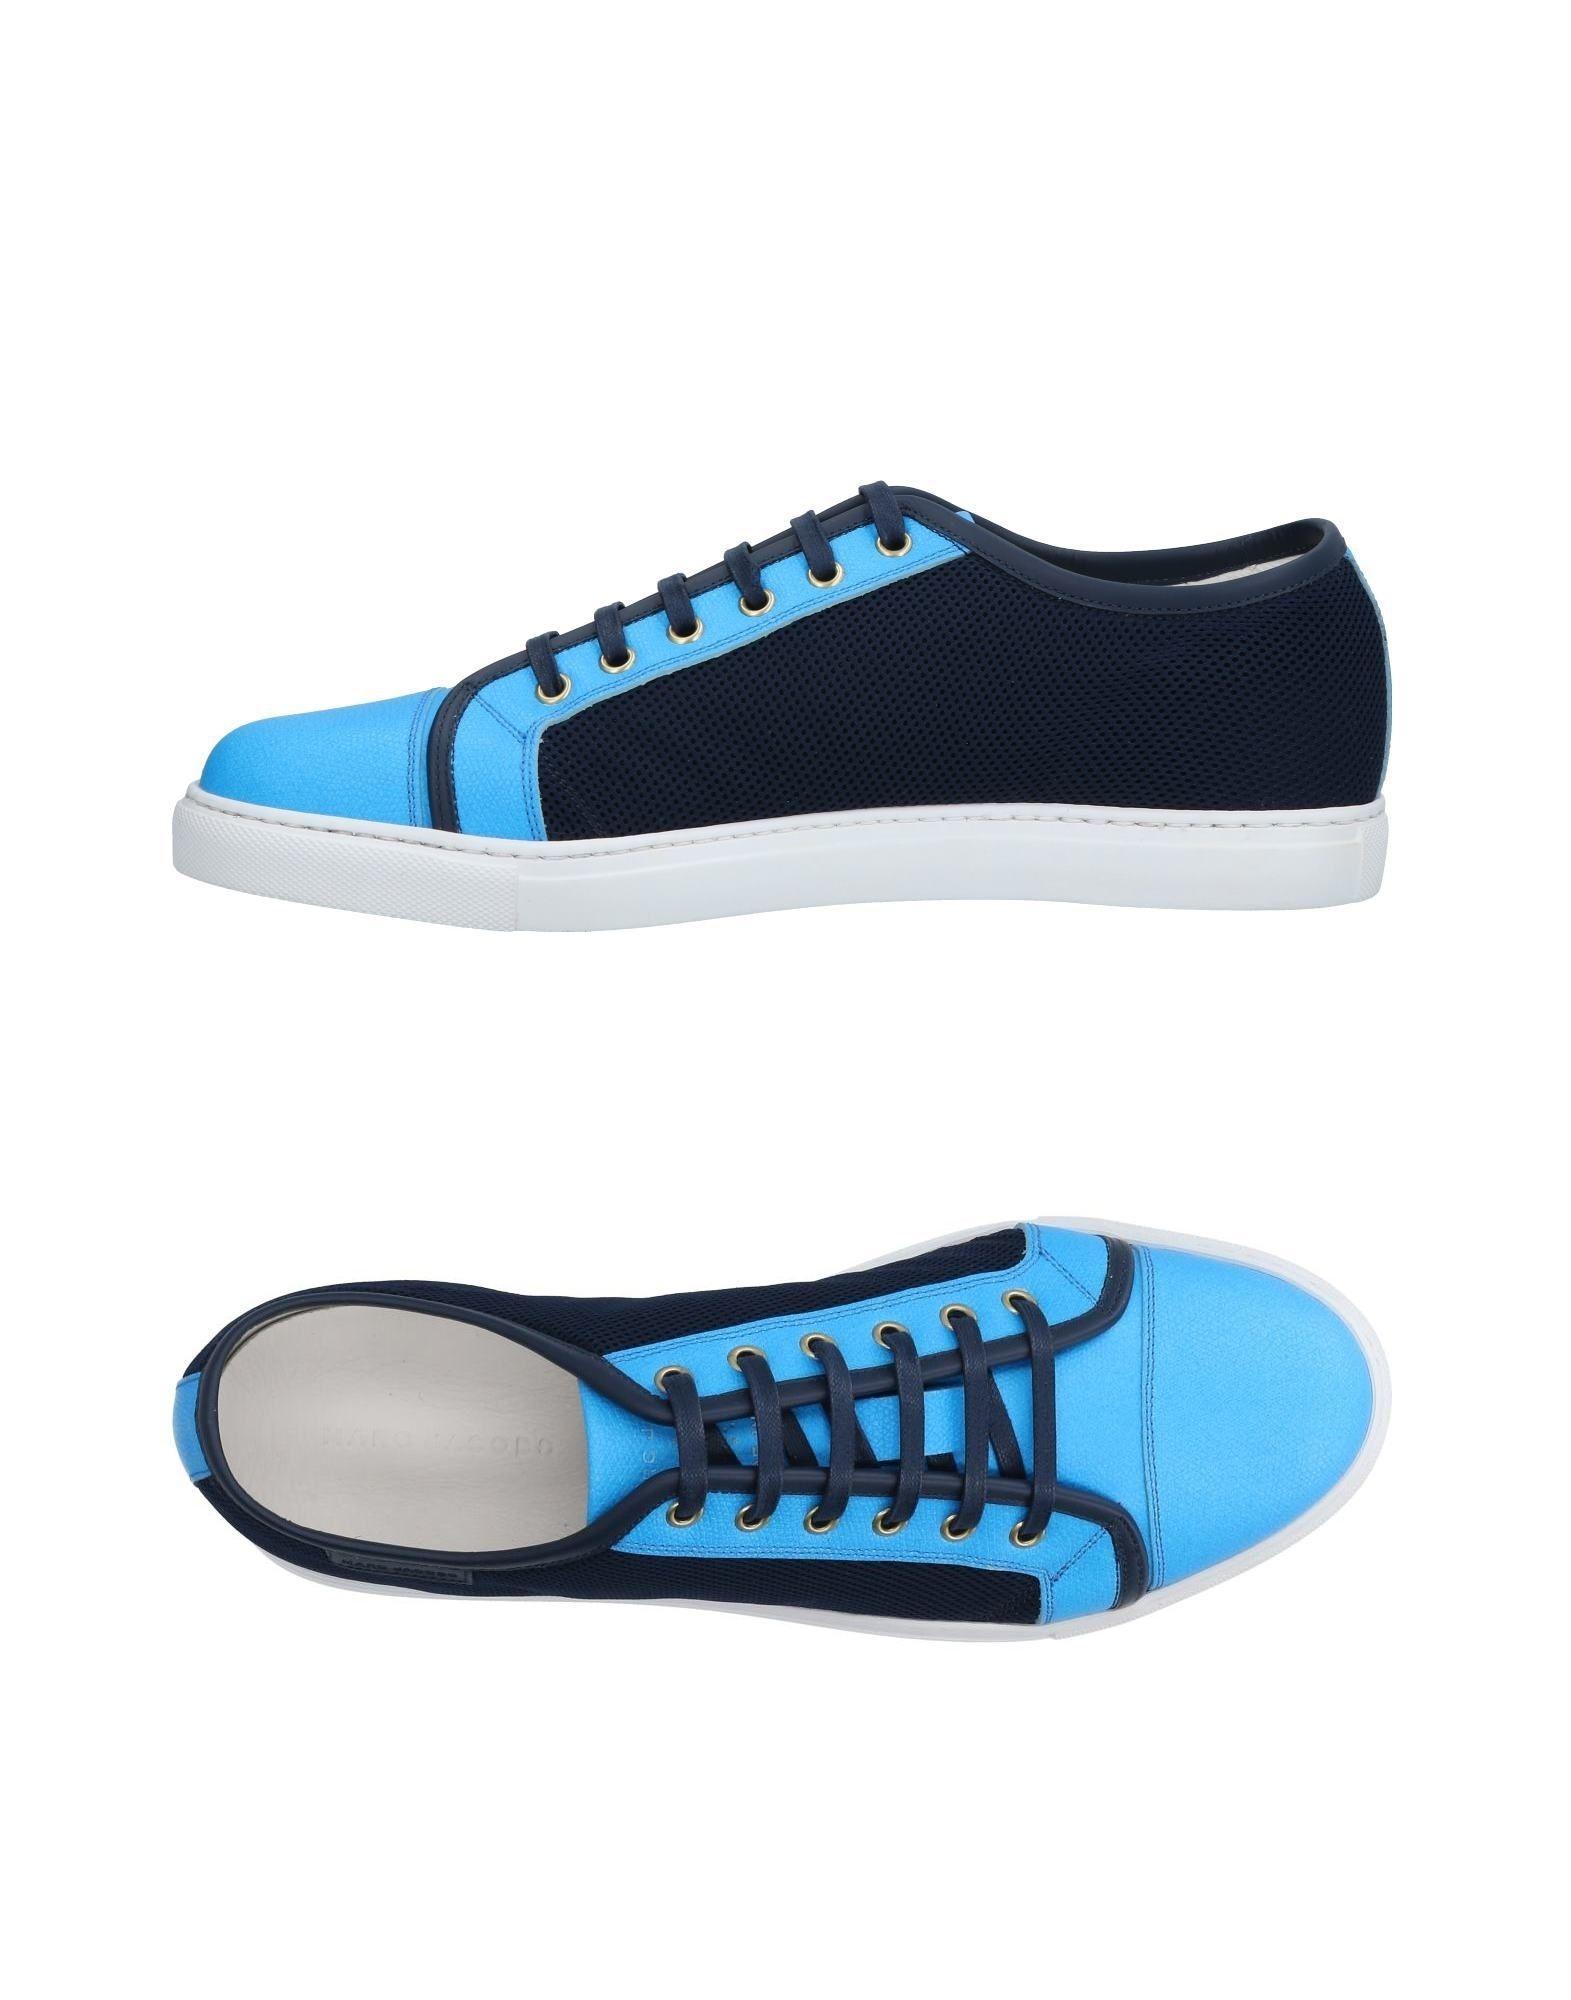 Marc Jacobs Sneakers Herren  11199366MN Gute Qualität beliebte Schuhe